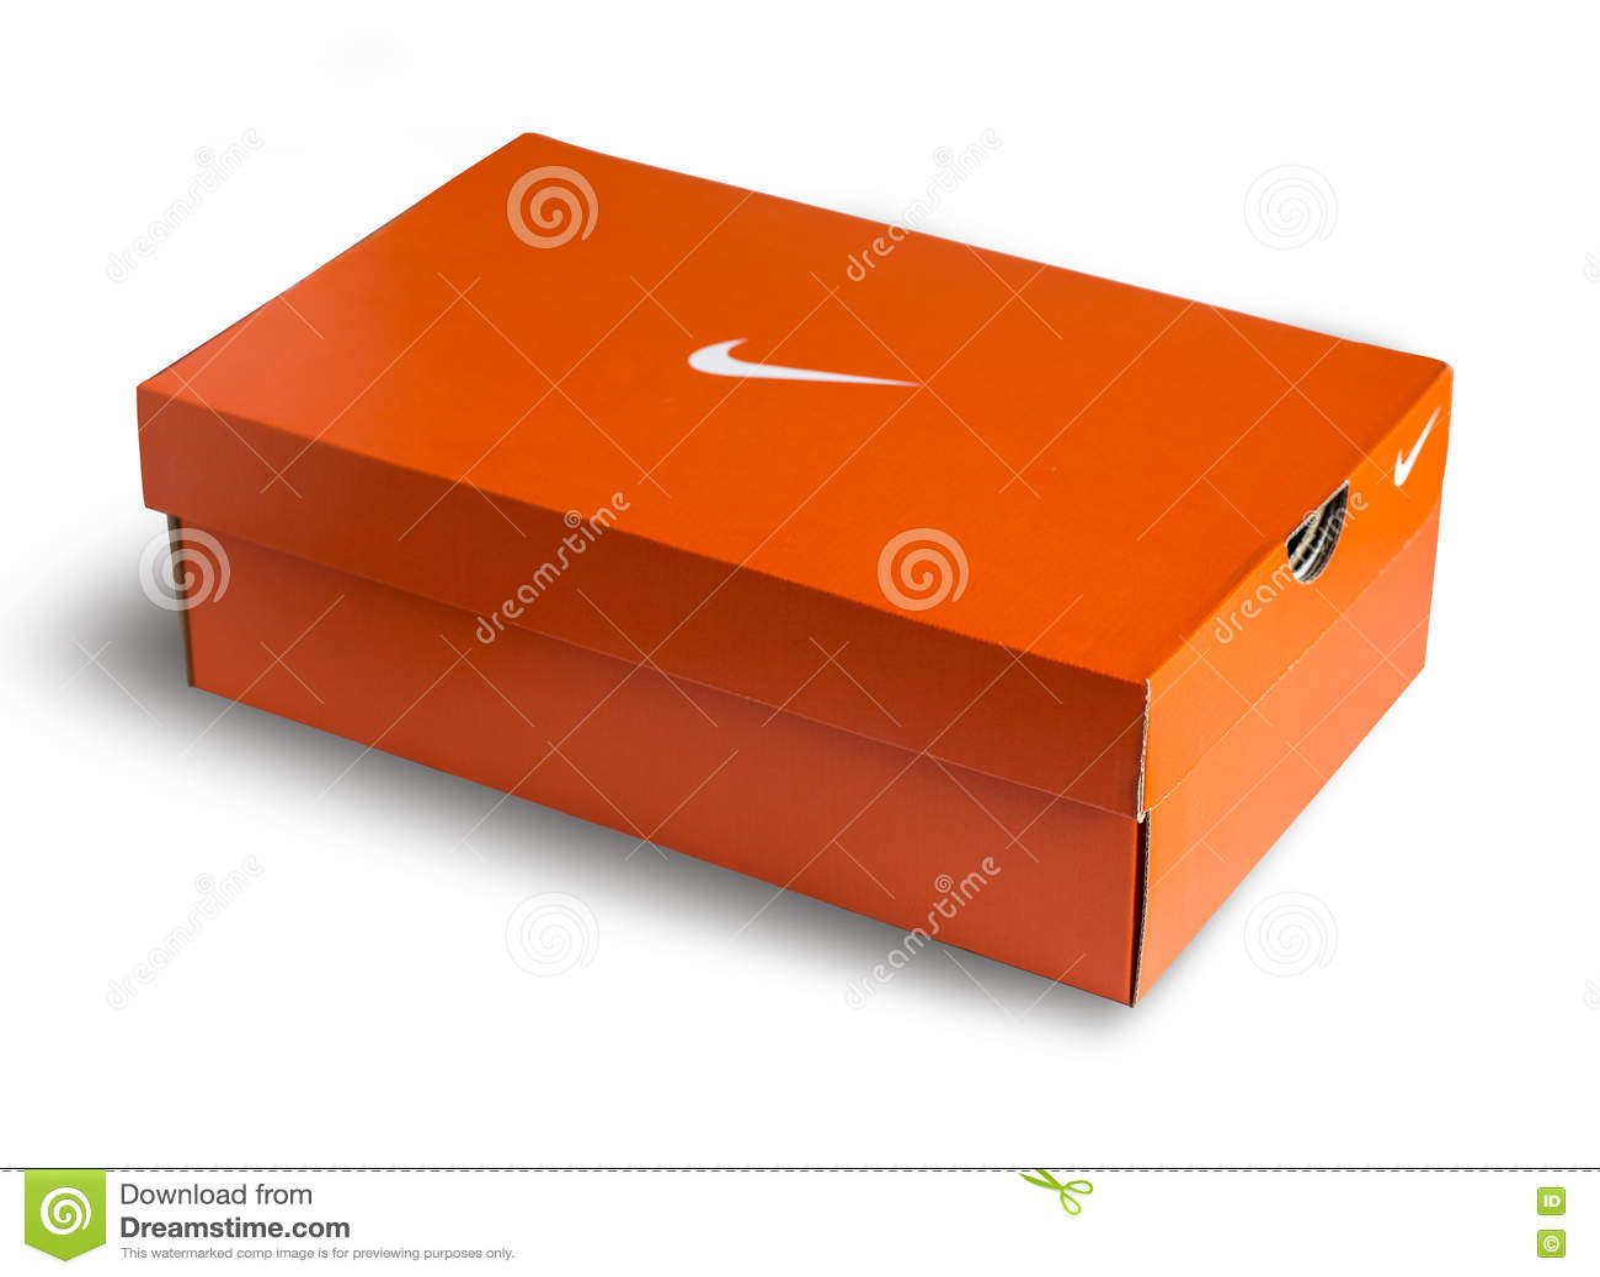 Assez Boîte De Chaussures Rouge De Nike Photo éditorial - Image: 72270811 PG22